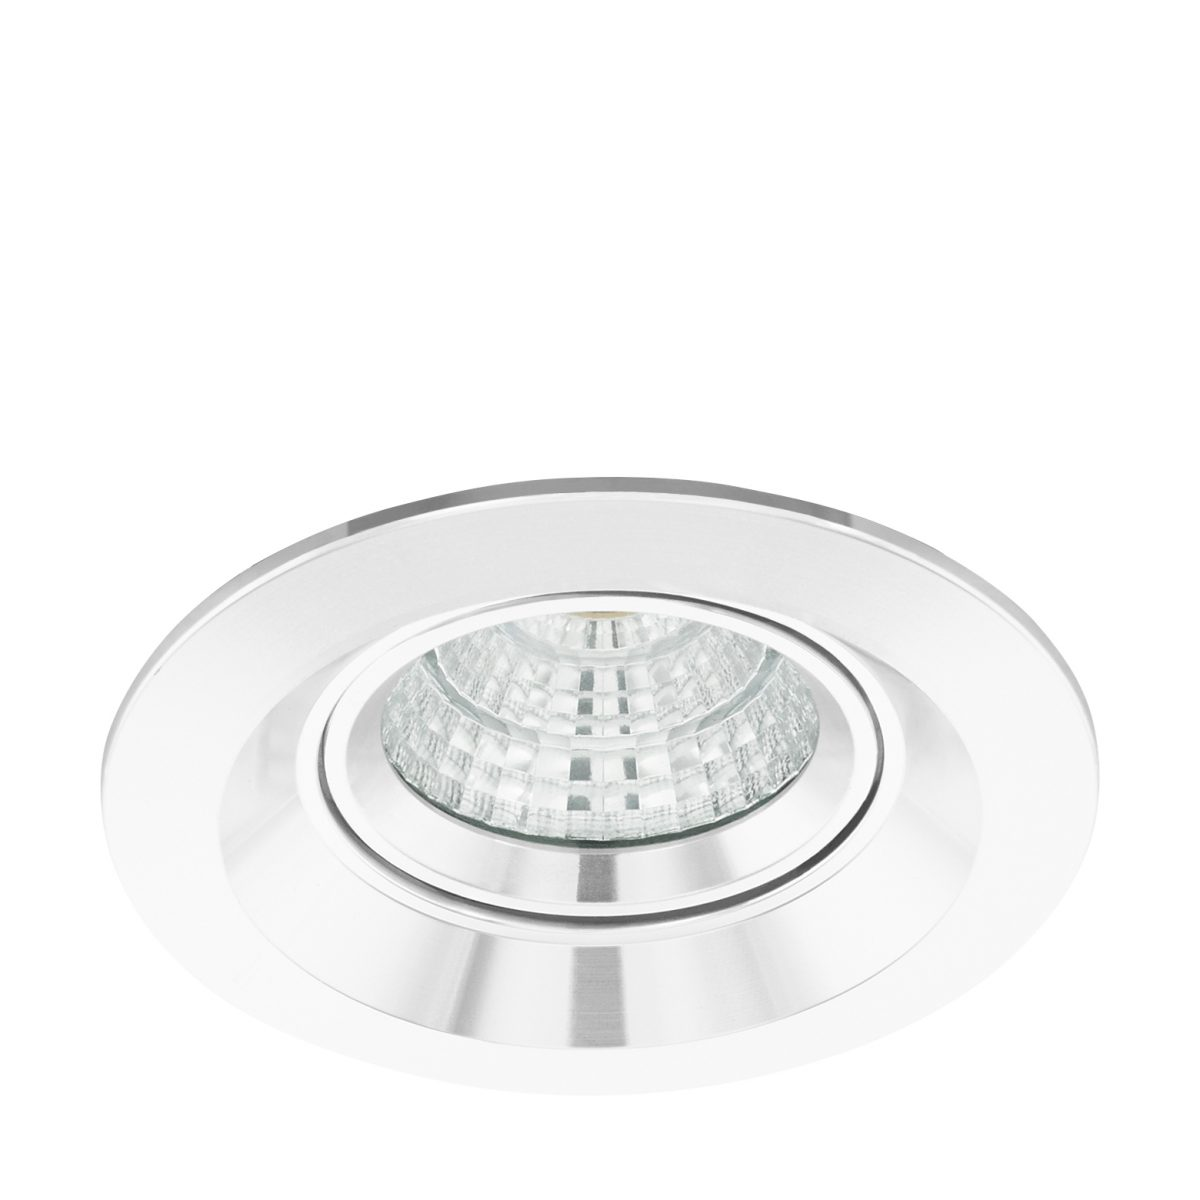 Светильник настенно-потолочный TALVERA P/PROFESSIO EGLO 61546 - Фото №28